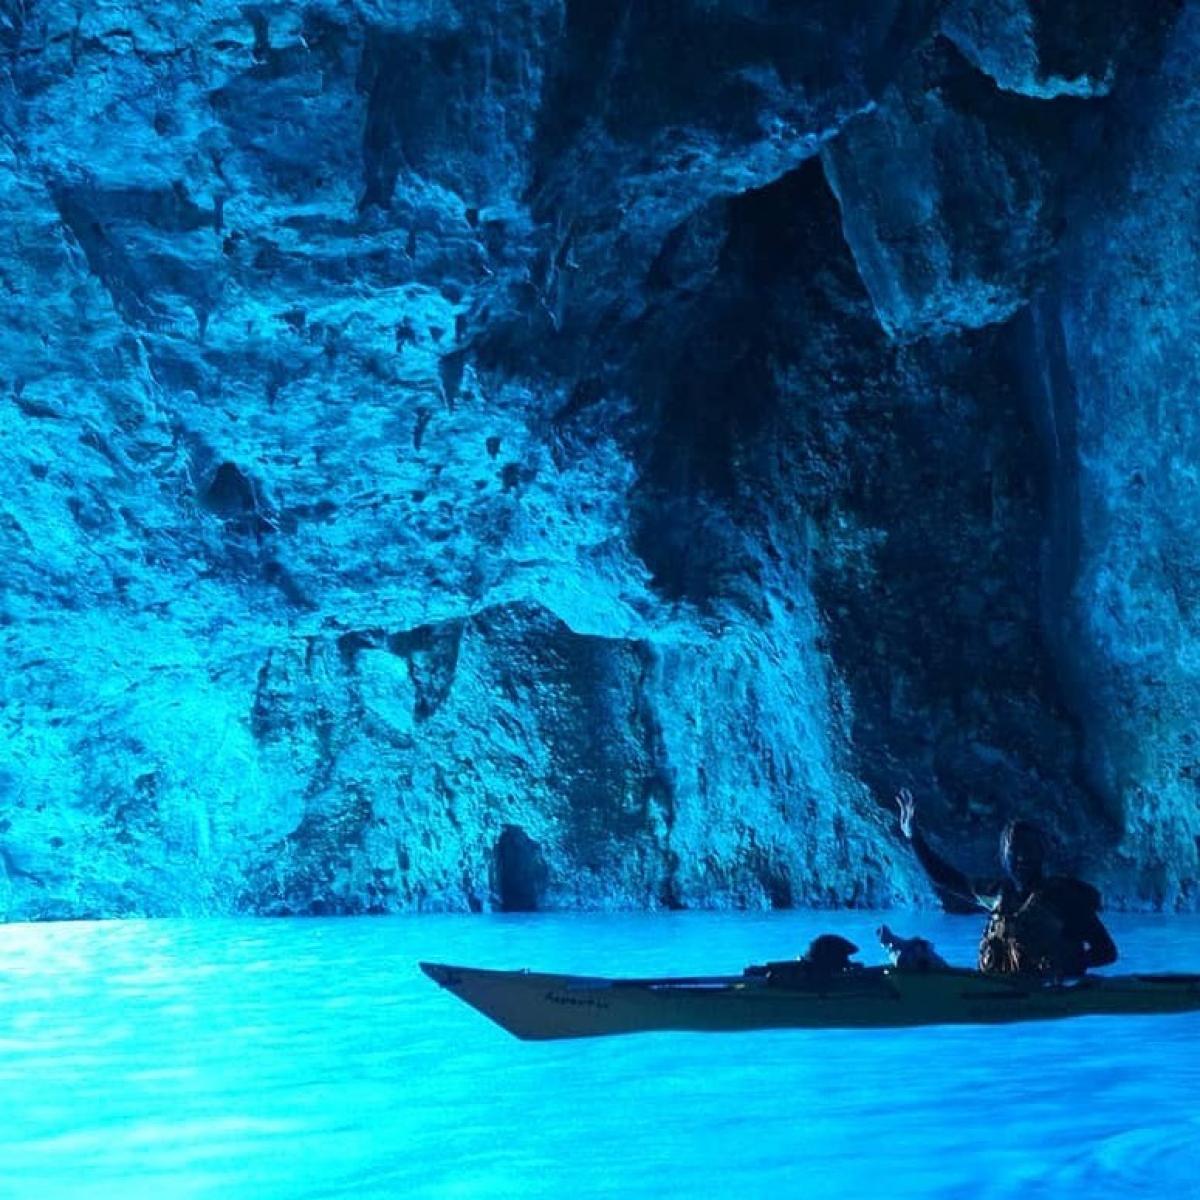 Blue Cave - một hang động độc đáo gần đảo đảo Kastellorizo. Nguồn: Instagram